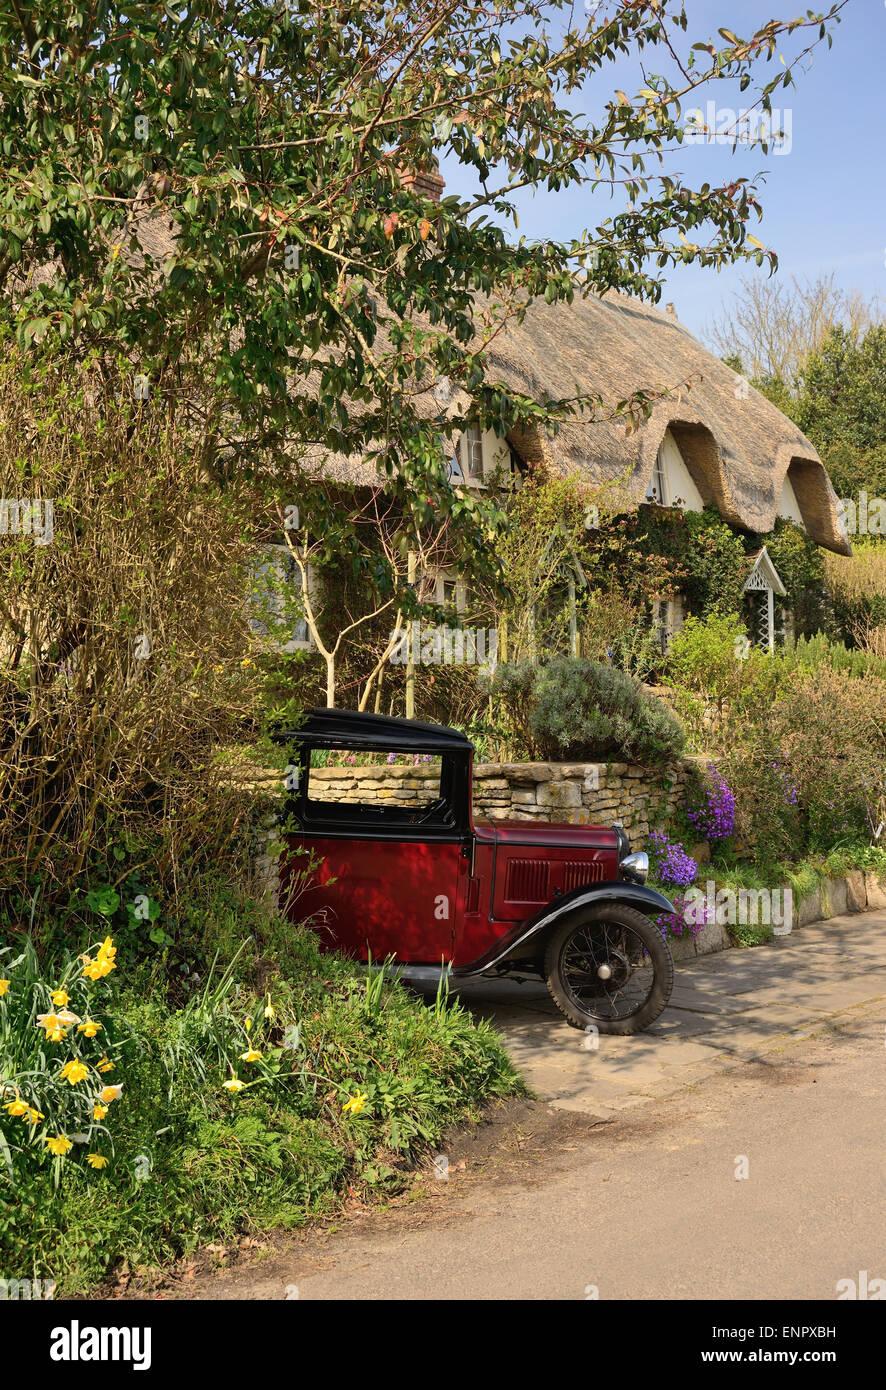 Austin 7 Auto und Reetdachhaus. Stockbild